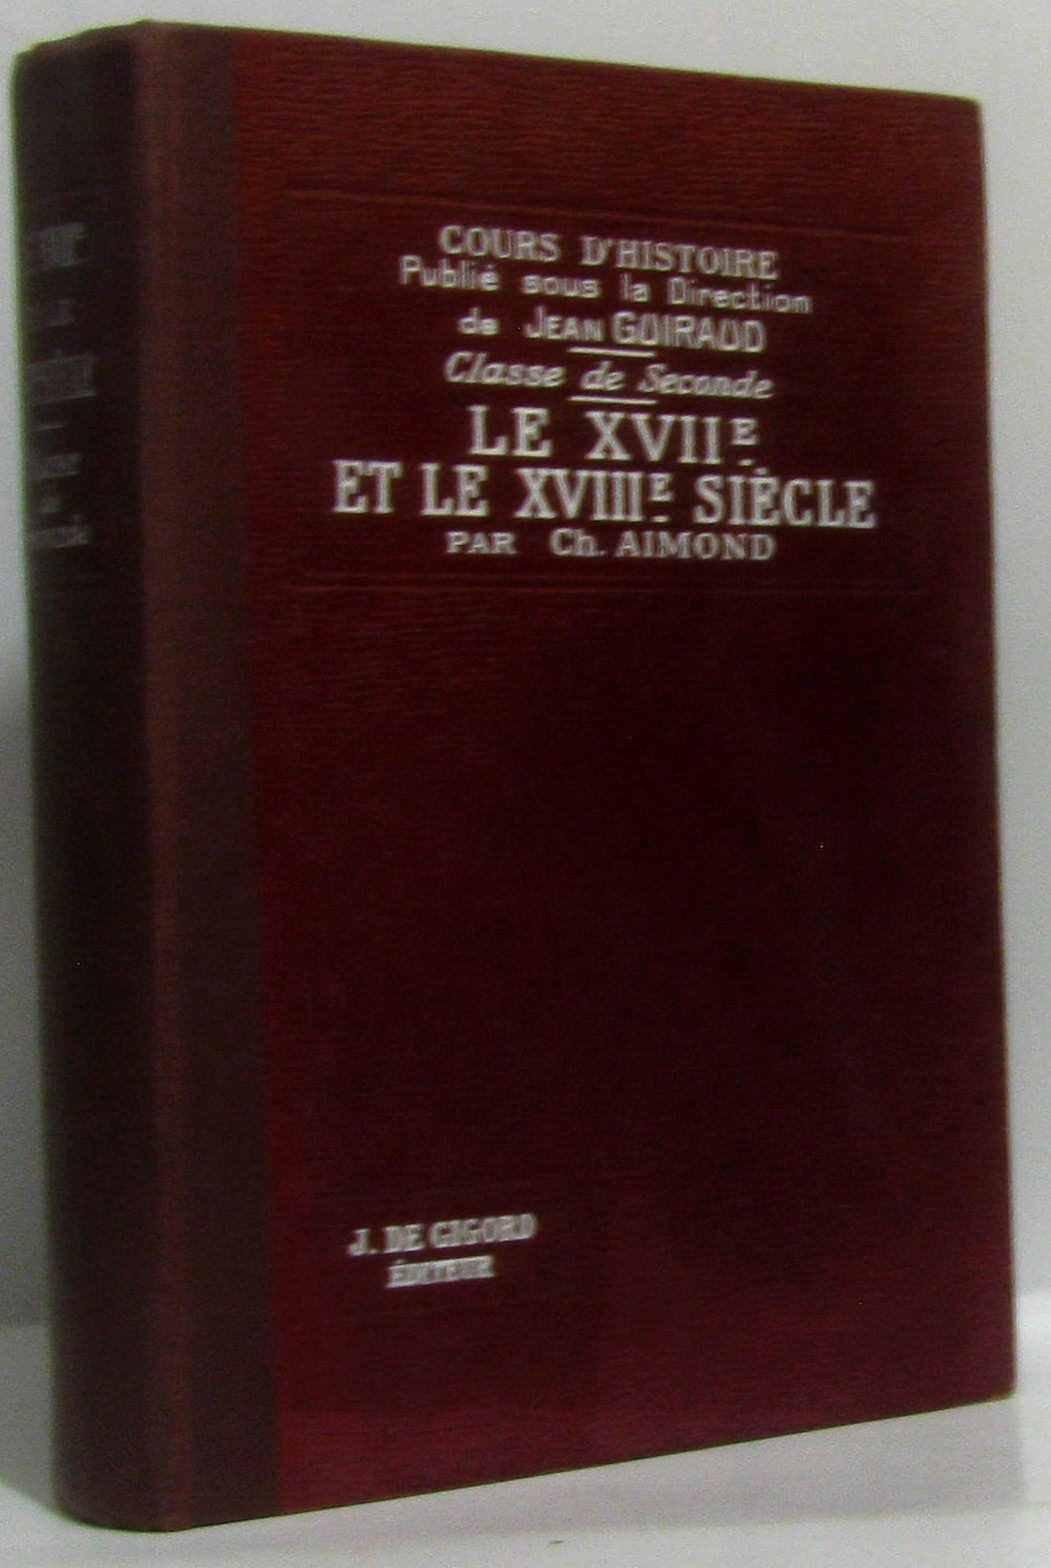 Amazon.fr - LE XVIIe ET LE XVIIIe SIECLE (1610-1789), CLASSE DE 2de -  AIMOND Ch. - Livres